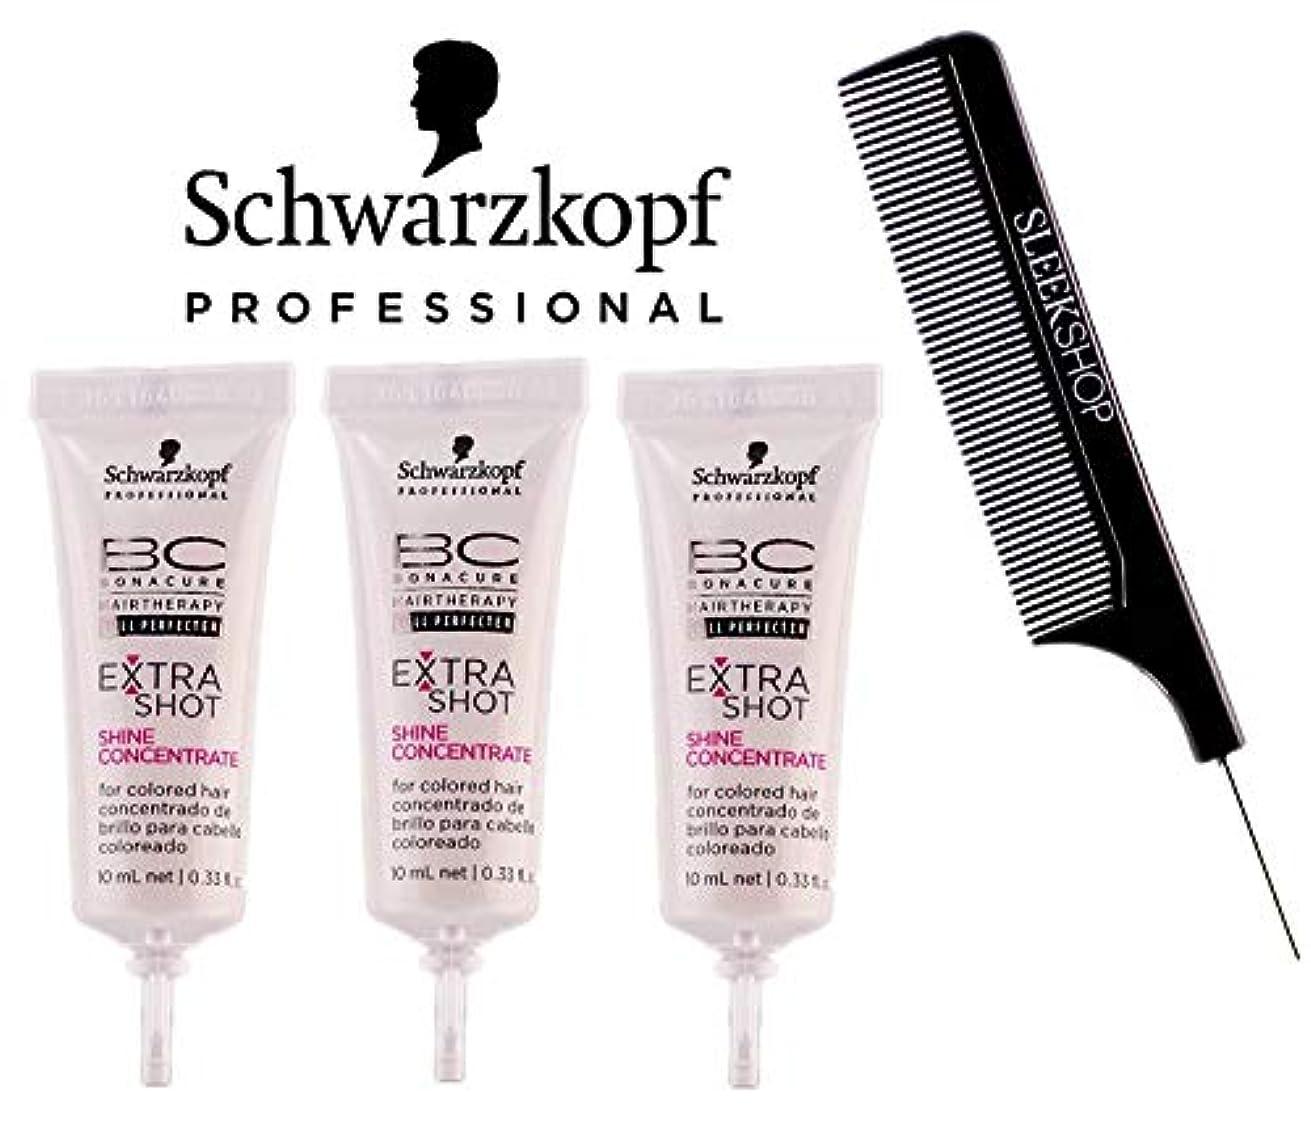 Schwarzkopf (なめらかなスチールピンテールコーム付き)色の髪のためのBC Bonacureエキストラショット磨きコンセントレイト (3-pack) x 0.33 oz